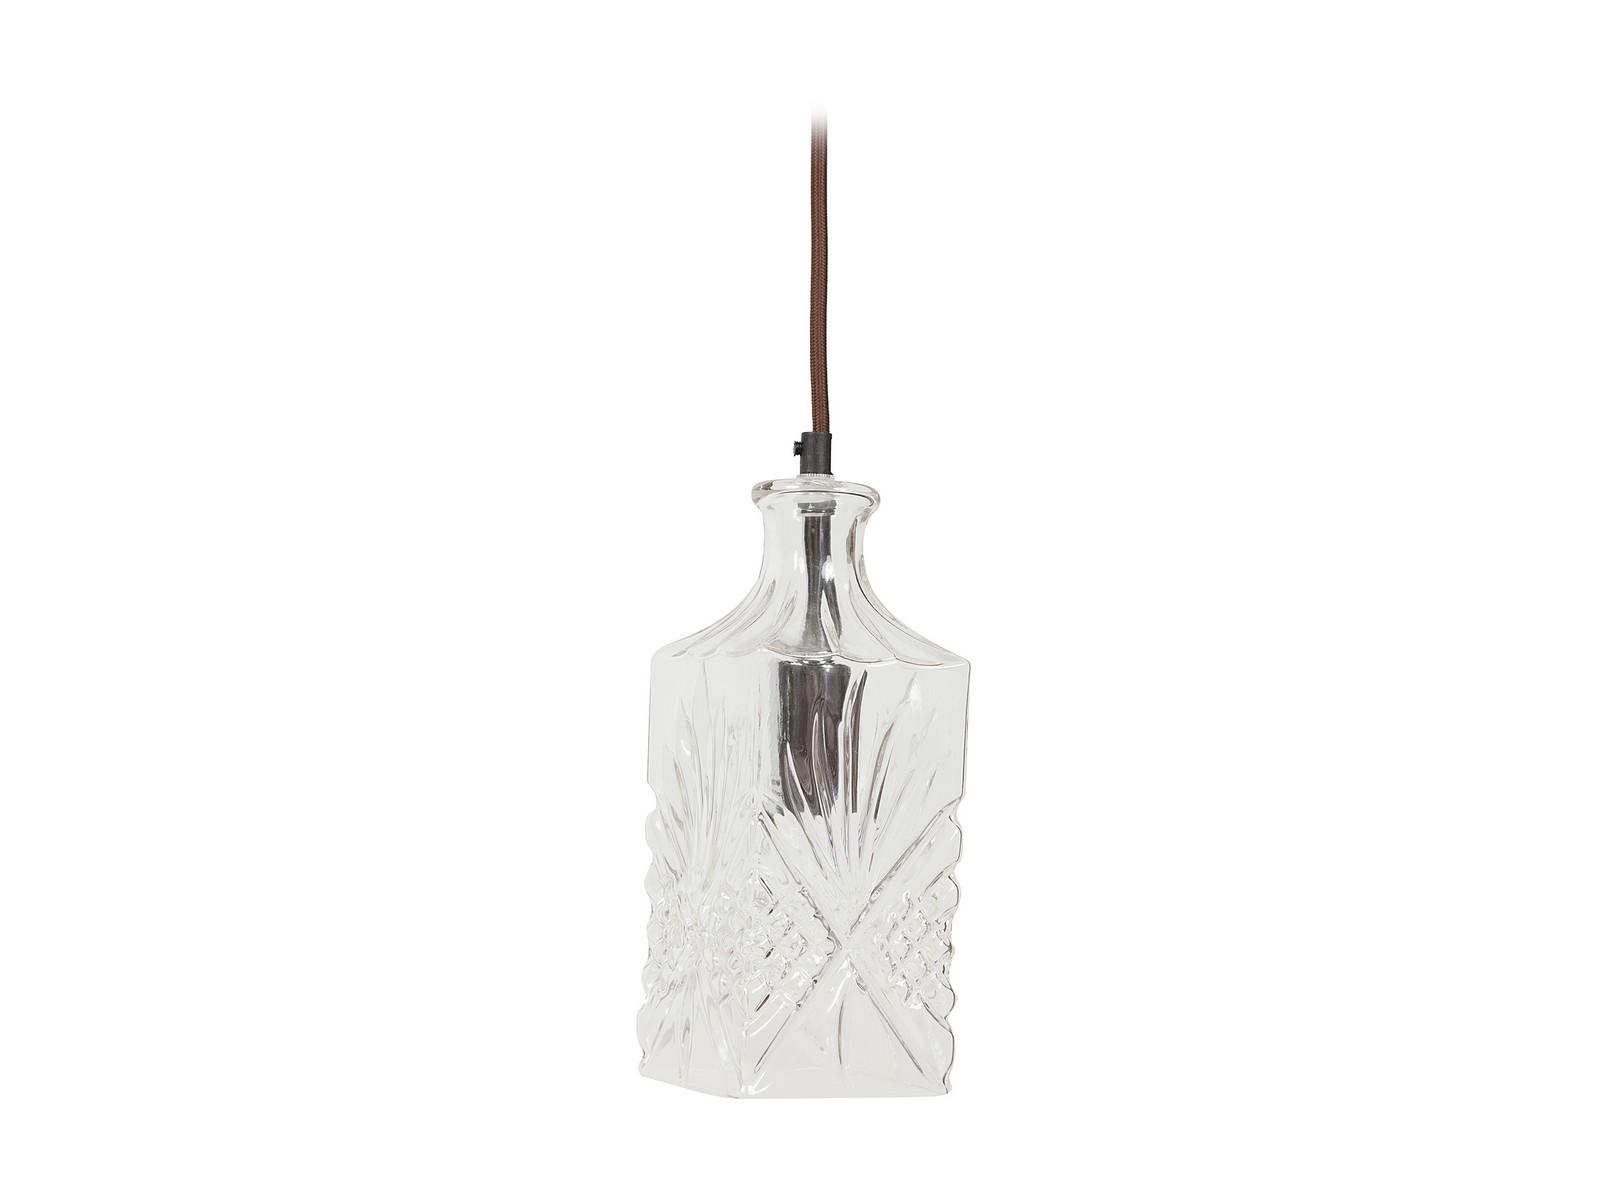 Подвесной светильник VindettaПодвесные светильники<br>&amp;lt;div&amp;gt;Вид цоколя: Е27&amp;lt;/div&amp;gt;&amp;lt;div&amp;gt;Мощность лампы: 40W&amp;lt;/div&amp;gt;&amp;lt;div&amp;gt;Количество ламп: 1&amp;lt;/div&amp;gt;&amp;lt;div&amp;gt;Наличие ламп: нет&amp;lt;/div&amp;gt;<br><br>Material: Стекло<br>Width см: 10<br>Depth см: 10<br>Height см: 26